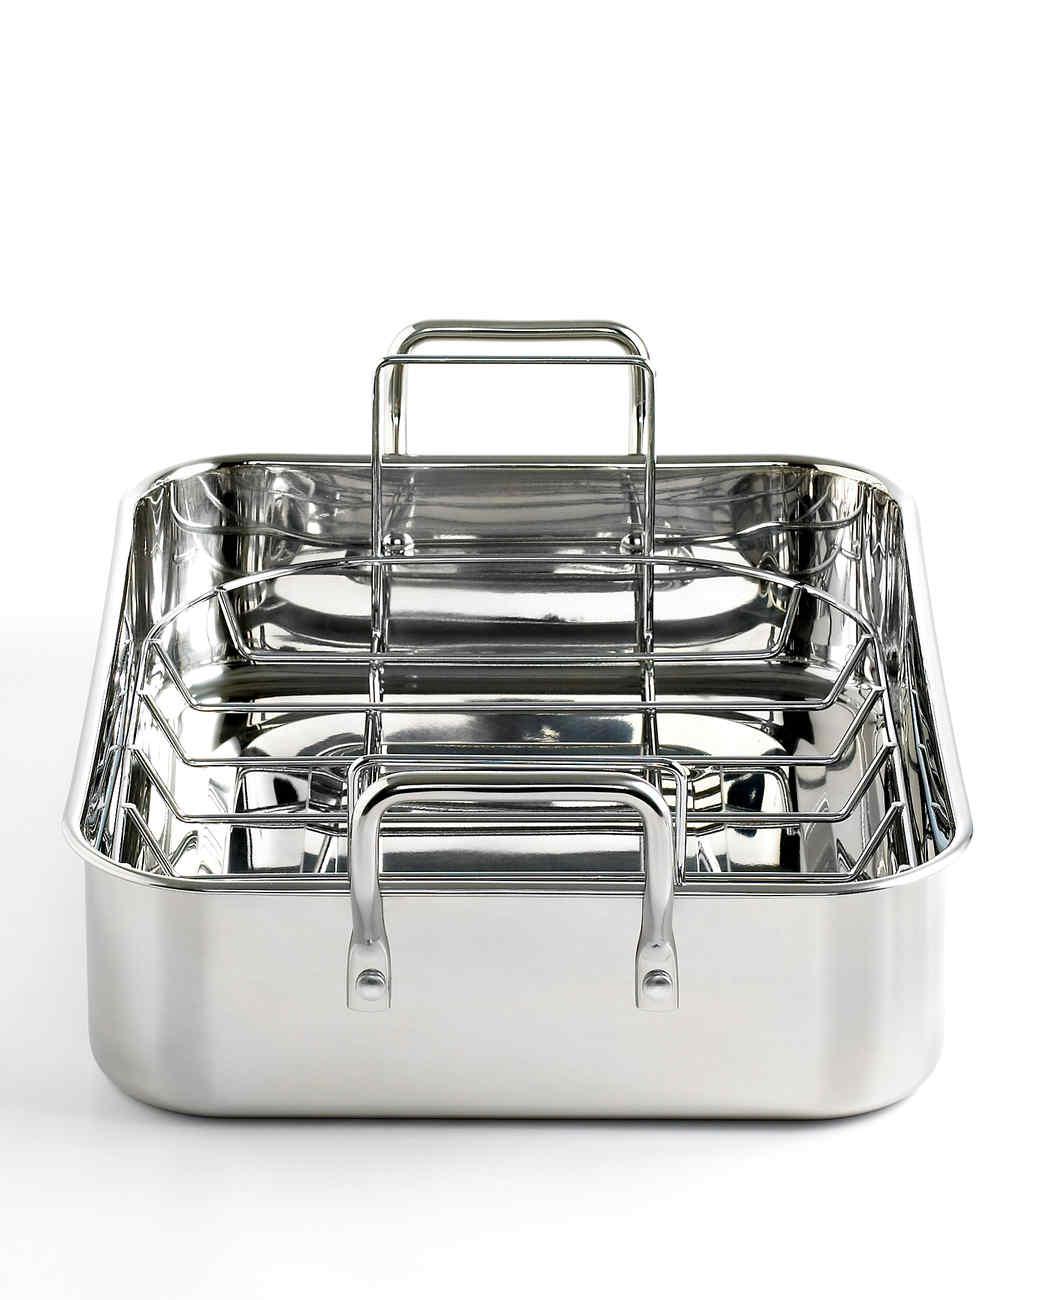 msmacys-stainless-steel-roaster-with-roasting-rack-mrkt-1013.jpg